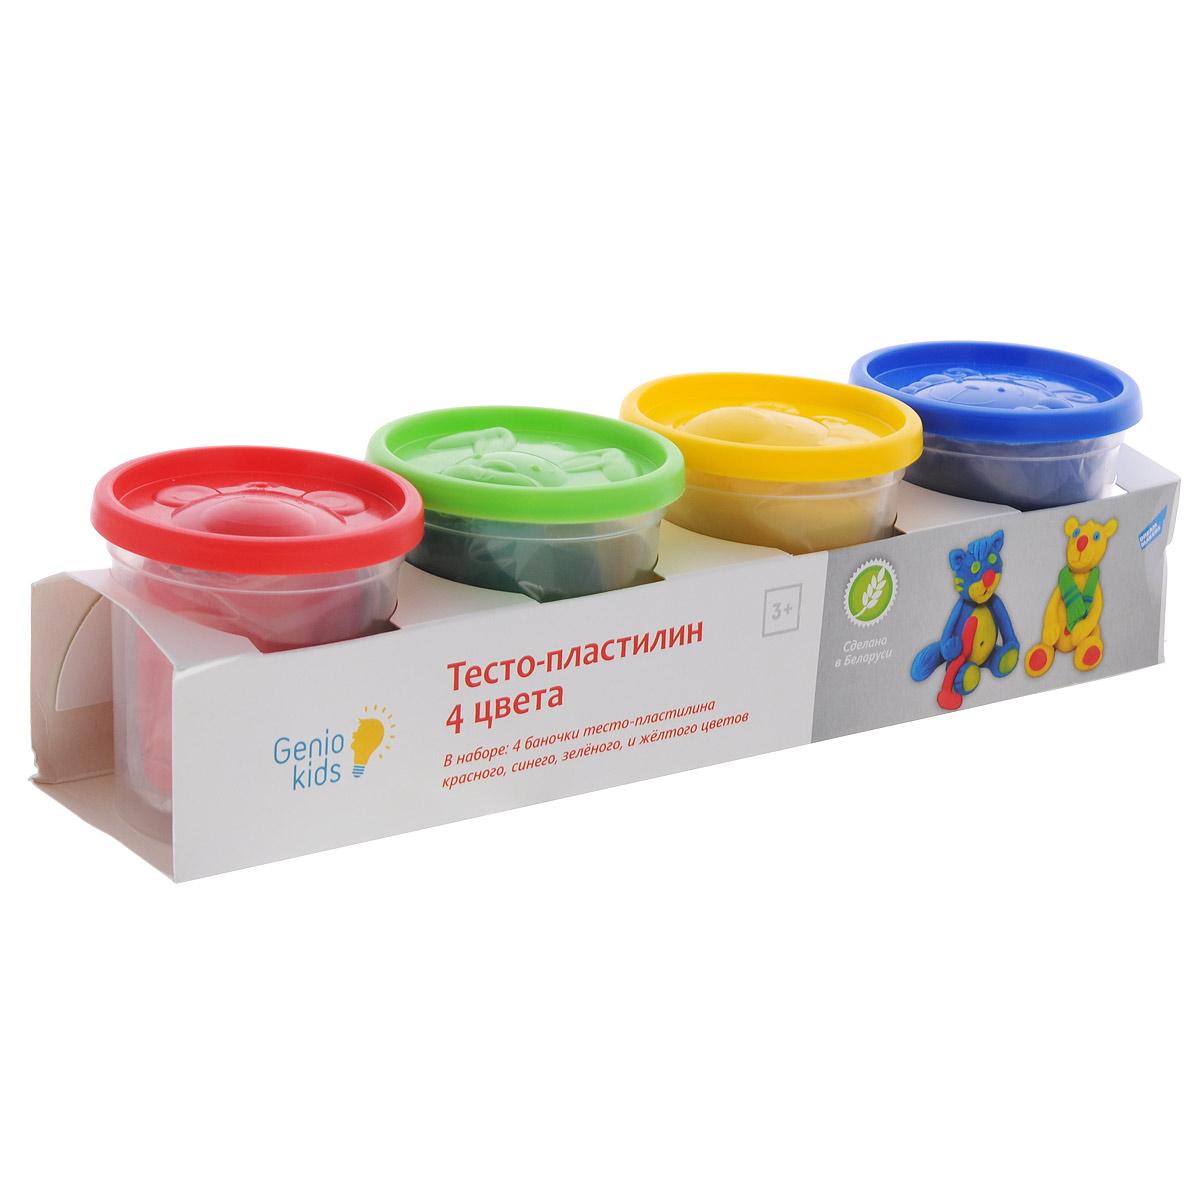 Тесто-пластилин Genio Kids, 4 цветаTA1010Тесто-пластилин - это натуральный и совершенно безвредный материал, созданный из пшеничной муки. Комплектность набора: 4 баночки с тесто-пластилином по 140г (синего, зеленого, красного и желтого цветов). Пластилин быстро высыхает, не имеет запаха, не липнет к рукам и одежде, легко смывается, а так же легко смешивается, что позволяет получать новые цвета. В крышке каждой баночки помещена готовая форма для лепки, с помощью которой ваш ребенок сможет легко самостоятельно сделать фигурку. Данный набор прекрасно развивает моторику рук и пространственное мышление, а также воображение и художественный вкус. Фигурка, сделанная своими руками, будет предметом гордости малыша и обязательно станет его любимой игрушкой.